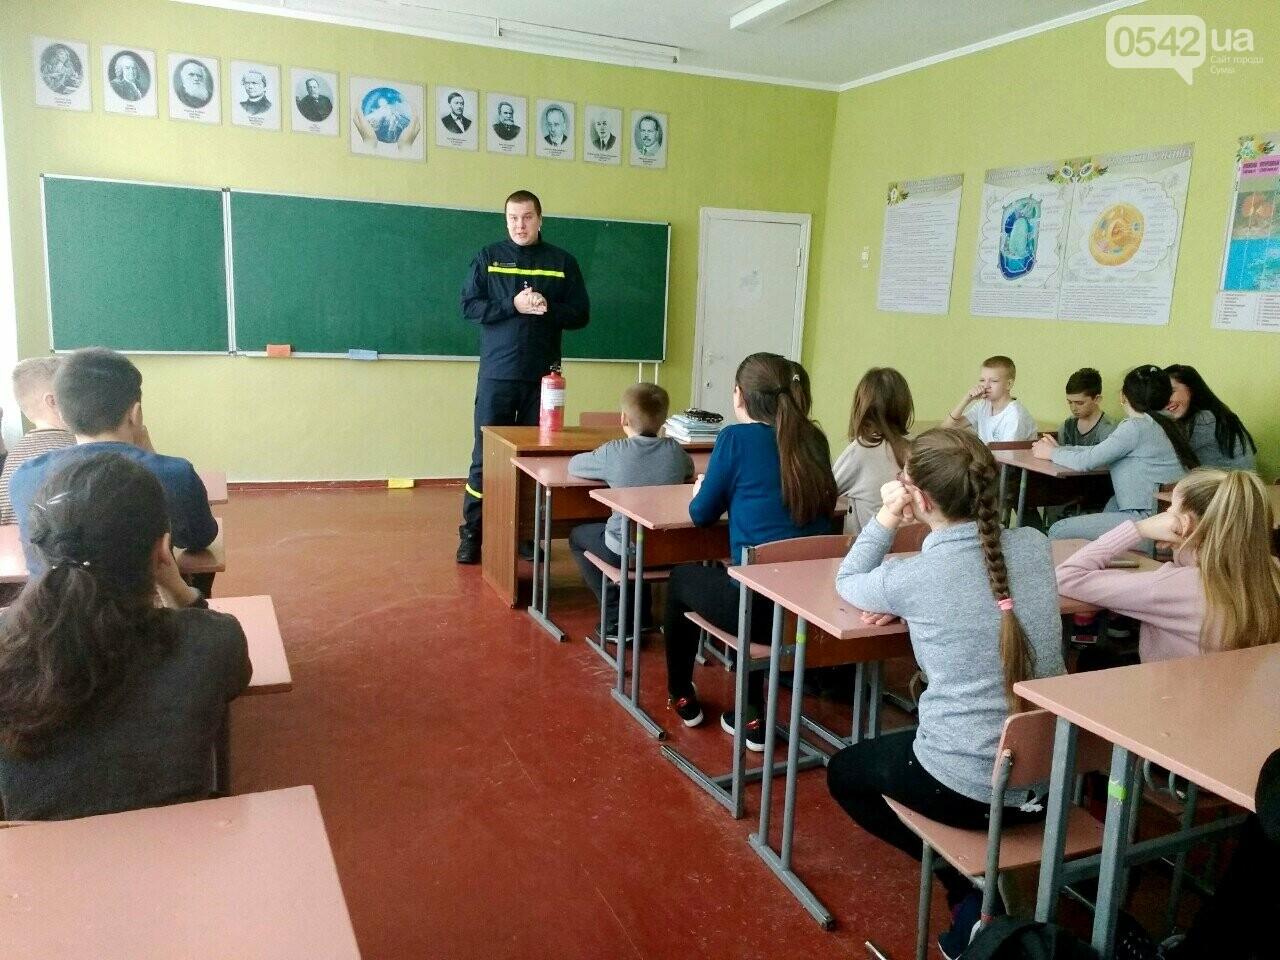 Сумской район: спасатели учили школьников правилам пожарной безопасности (ФОТО), фото-2